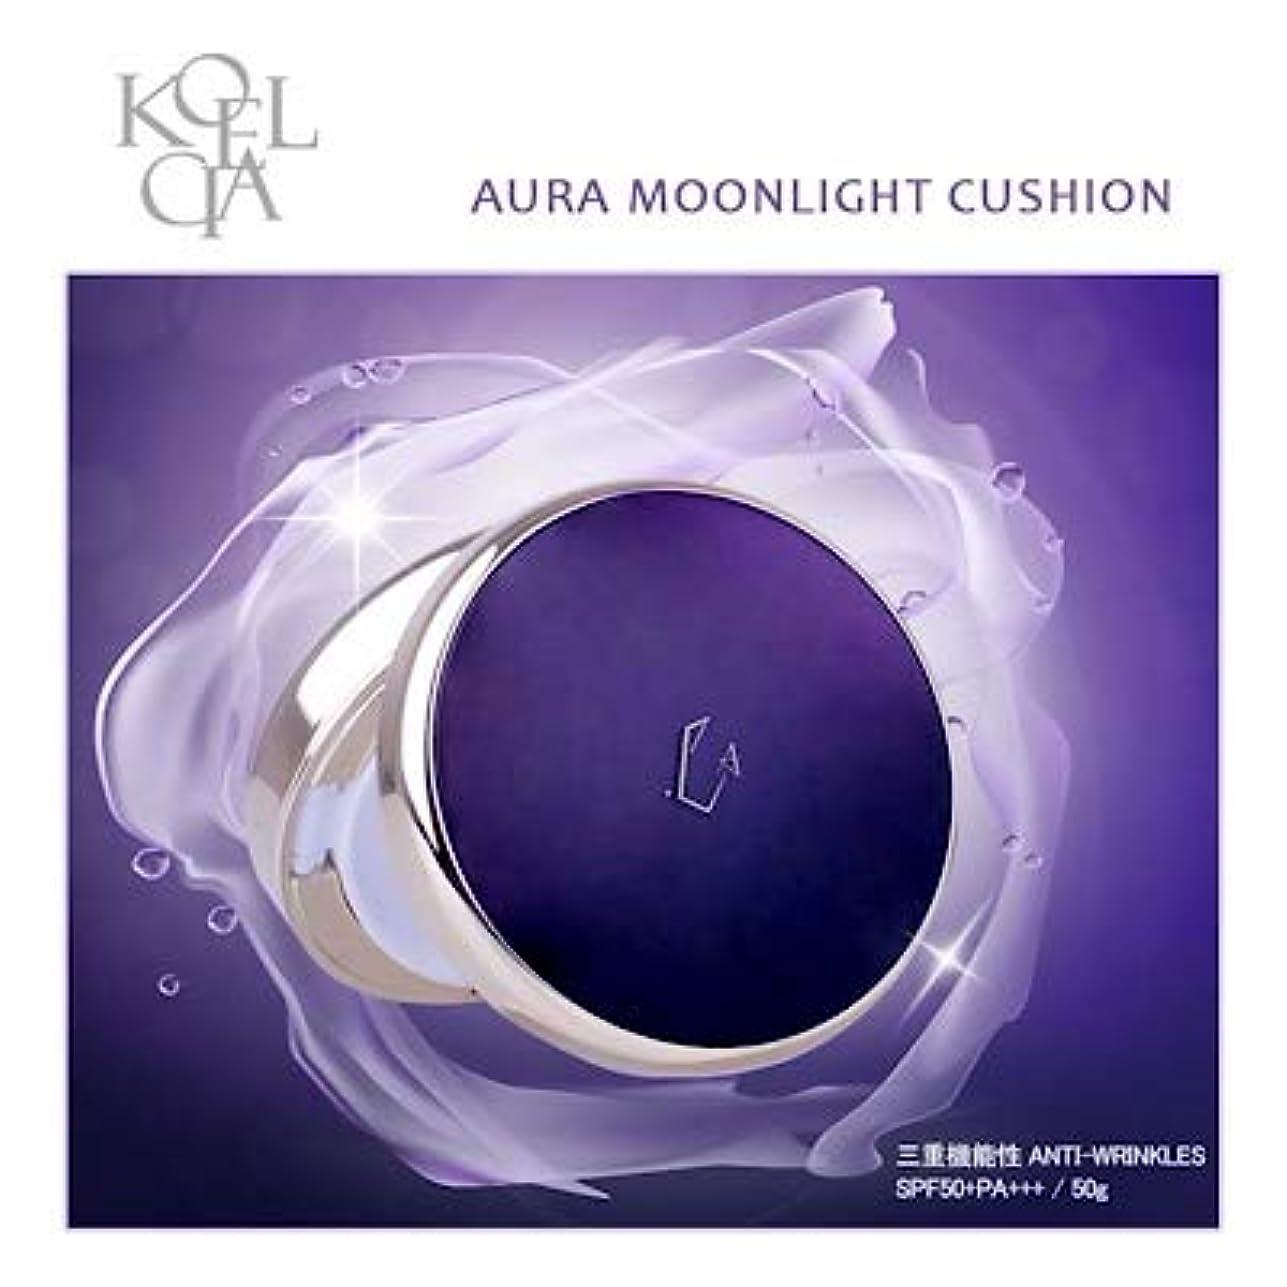 インフレーション起業家期限KOELCIA Aura Moonlight Cushion 14g No.21(Light Beige) クッション 三重機能性Anti-Wrinkles(SPF50+PA+++ / 14g)完全新商品!!/Korea...